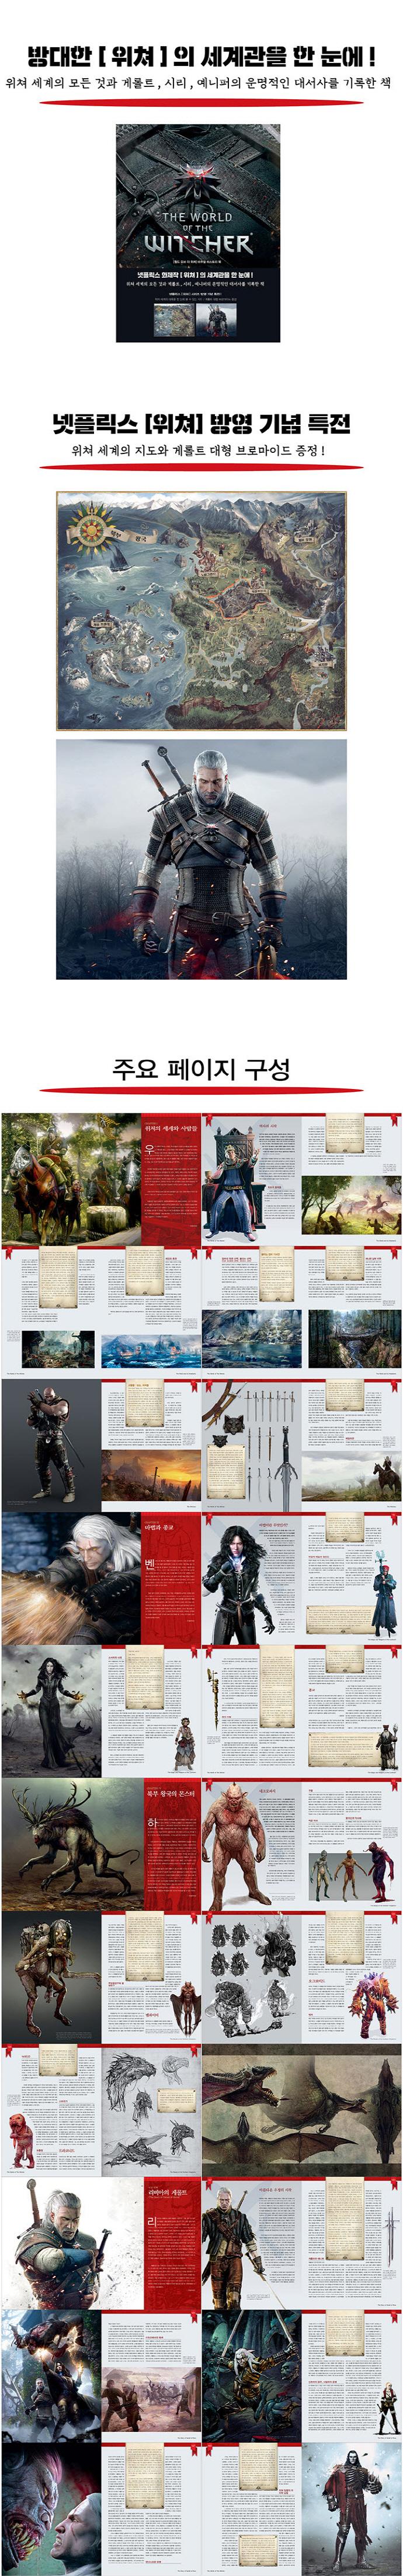 월드 오브 더 위쳐: 비주얼 히스토리 북(양장본 HardCover) 도서 상세이미지